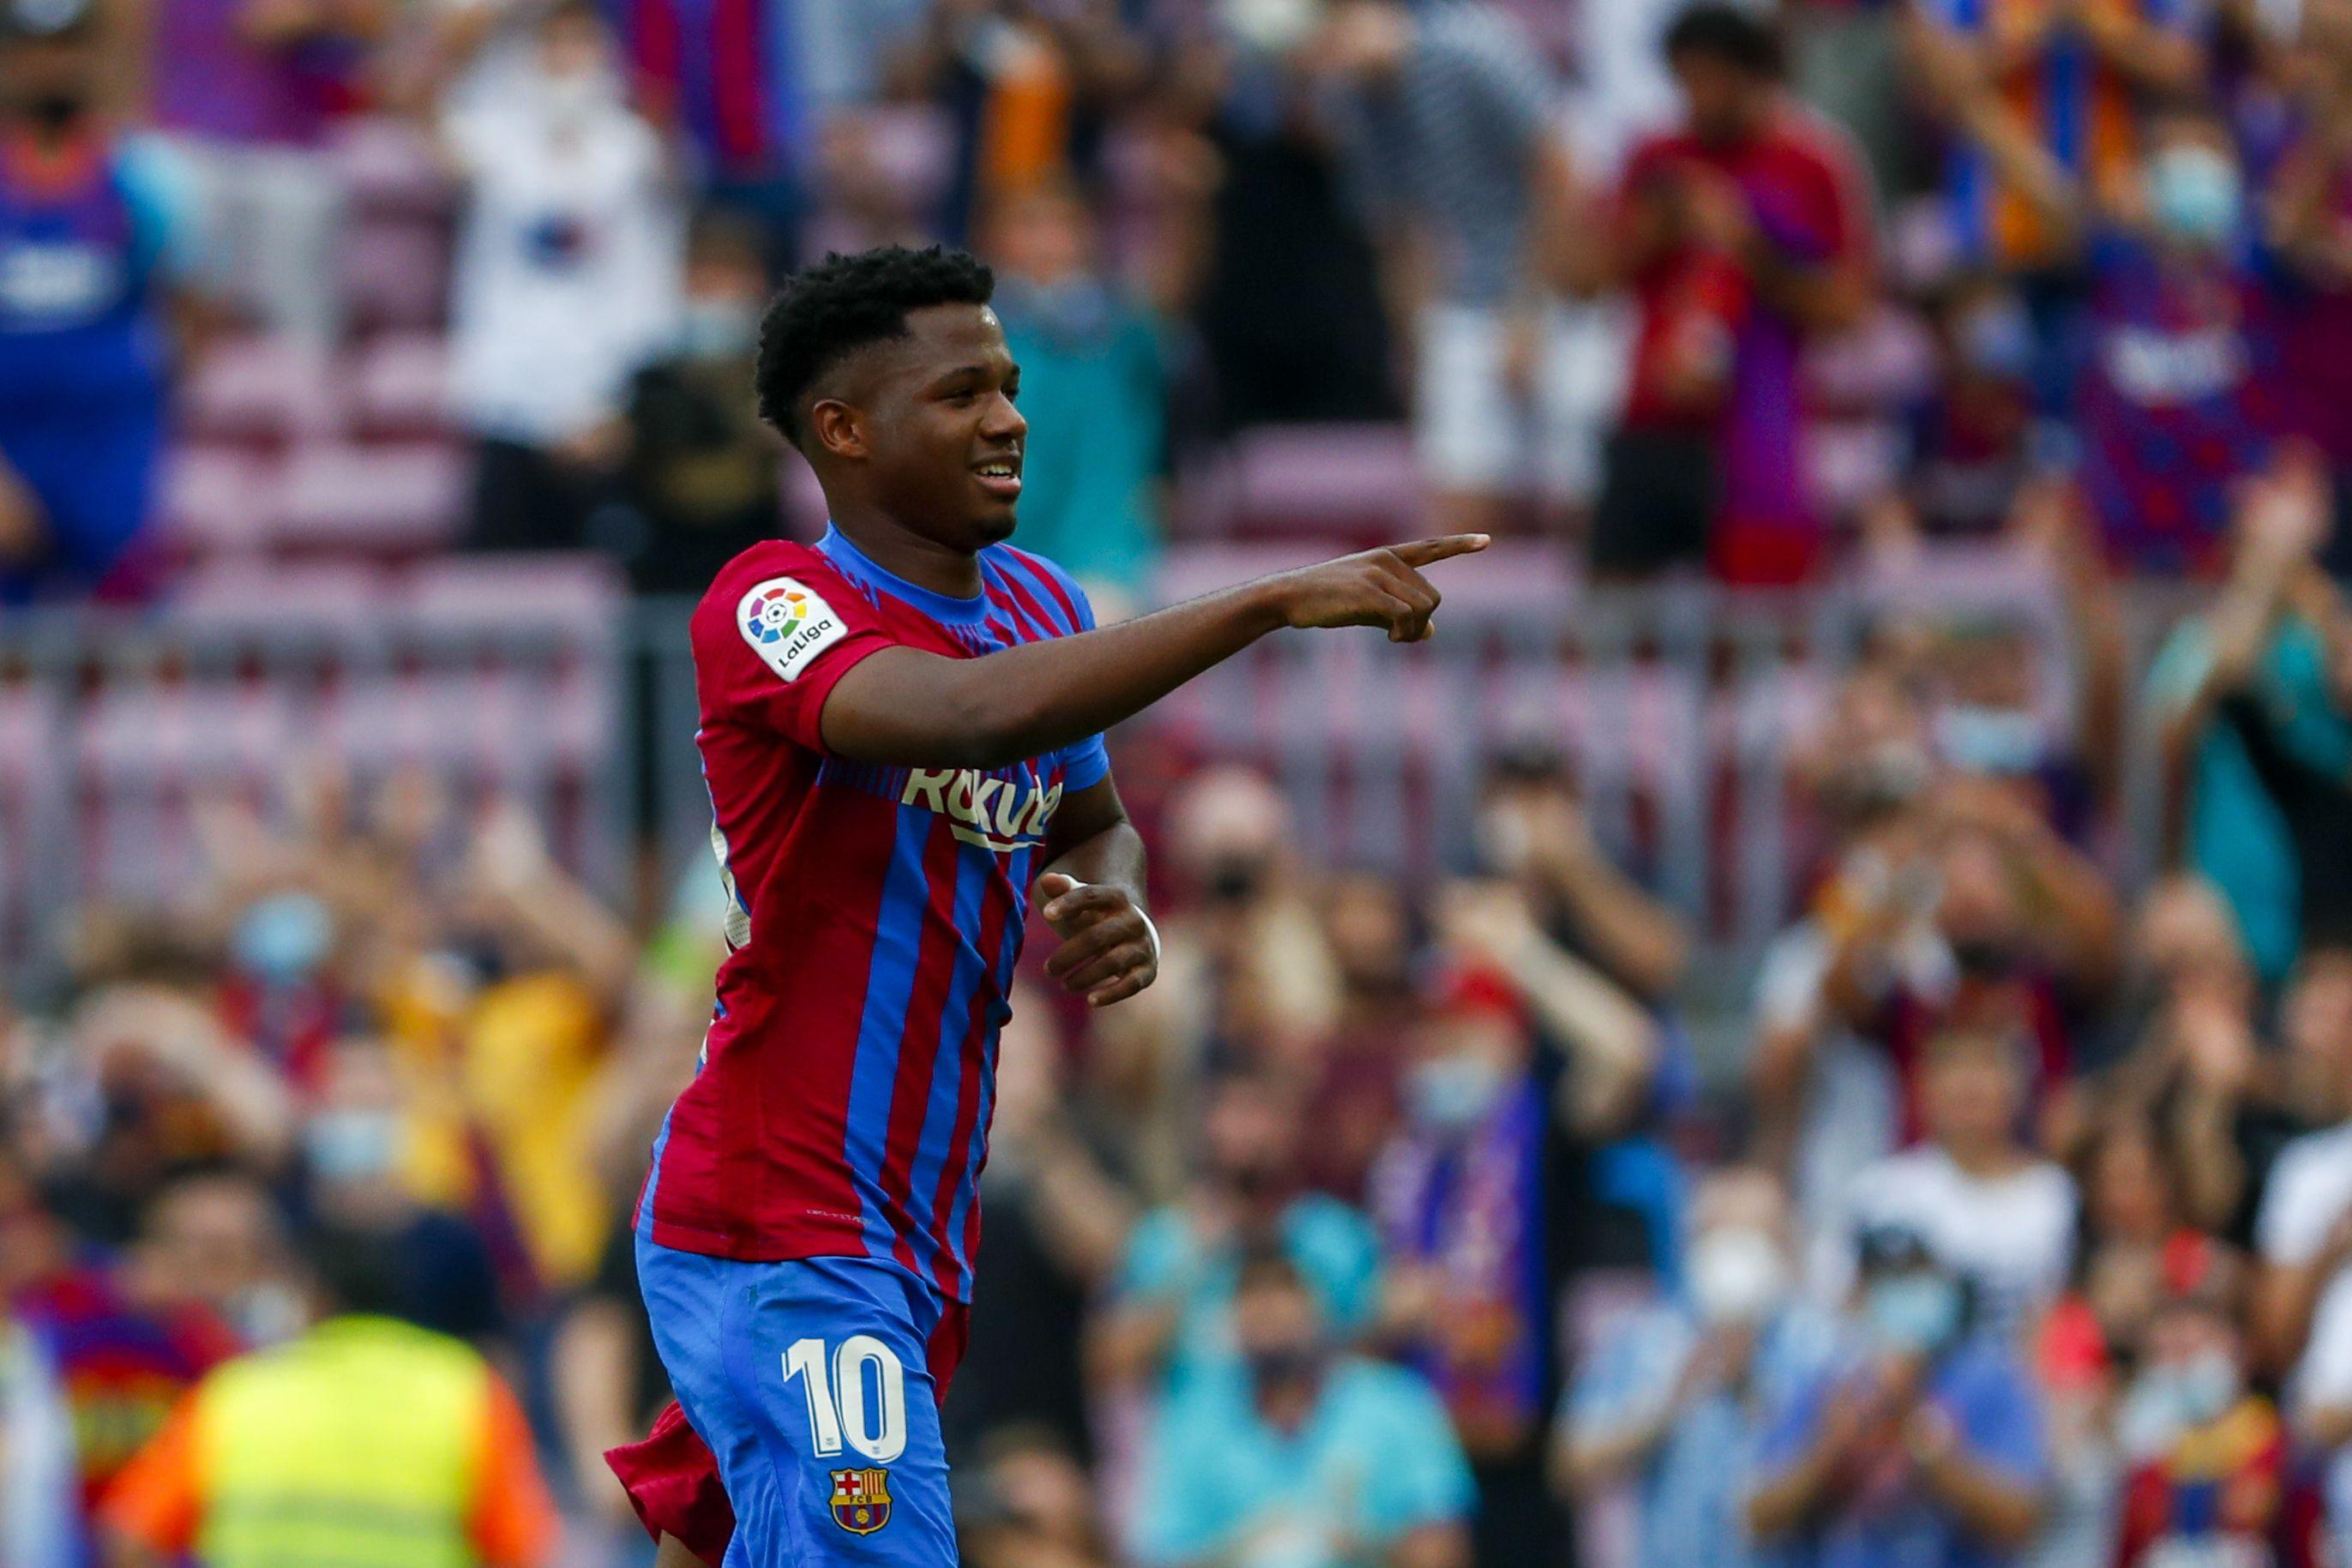 fati anota en su regreso y el barcelona golea 3-0 al levante